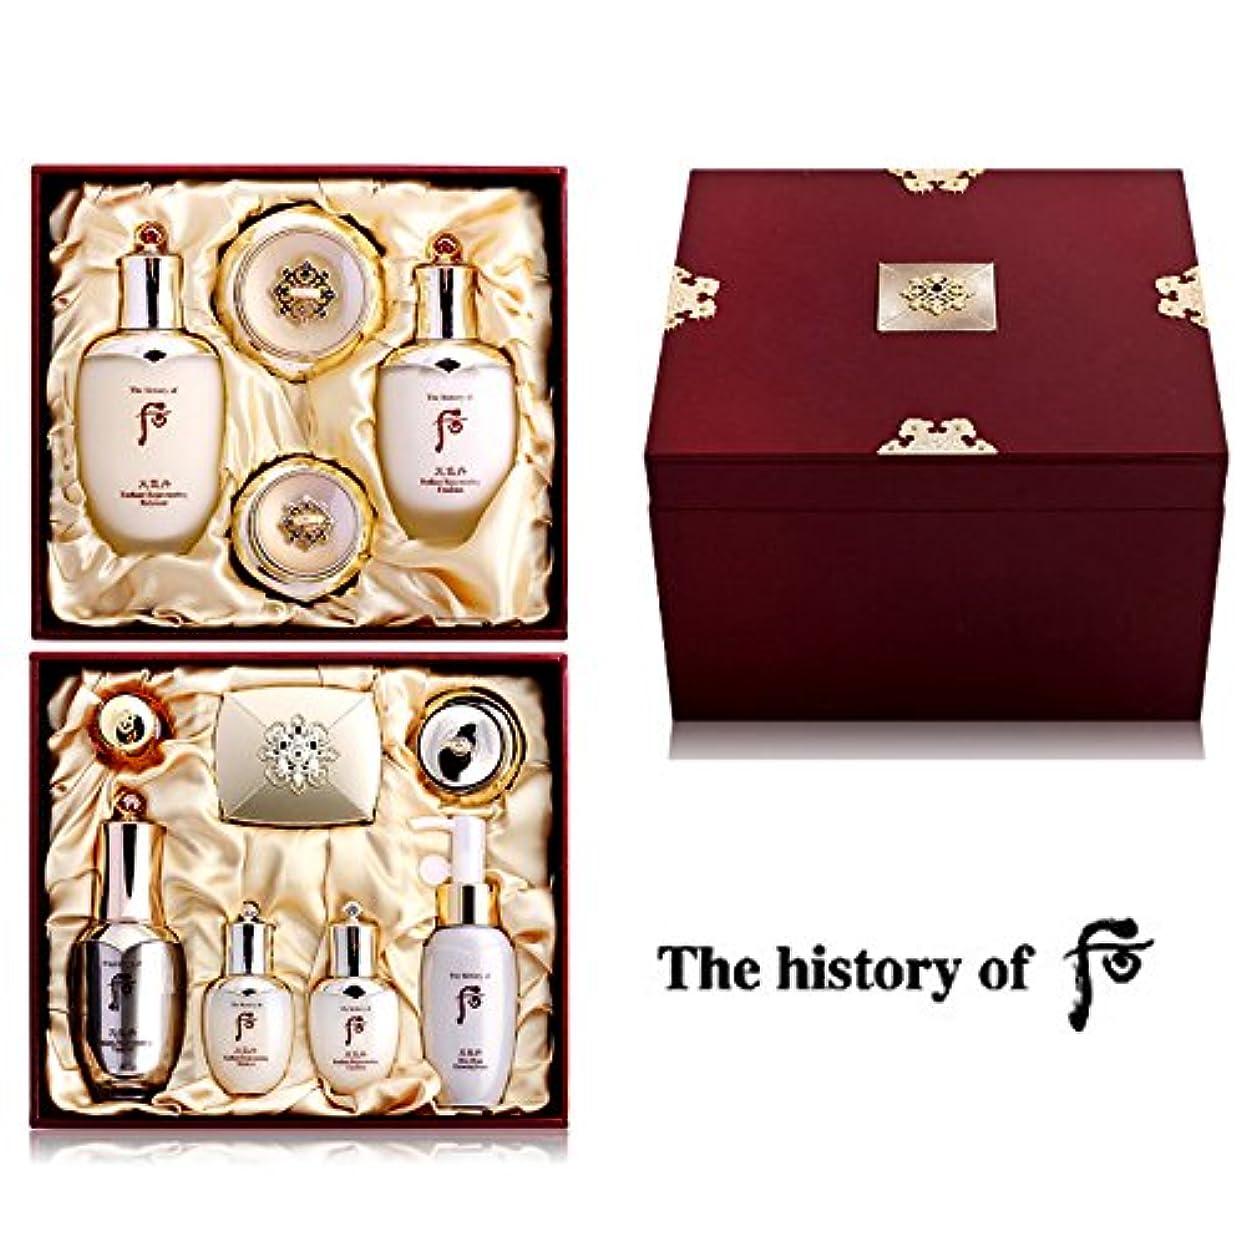 平らにする家禽ジャンク【フー/The history of whoo] 天気丹 王侯(チョンギダン ワンフ) セット/Chonghi Dan Queen Special Set+[Sample Gift](海外直送品)